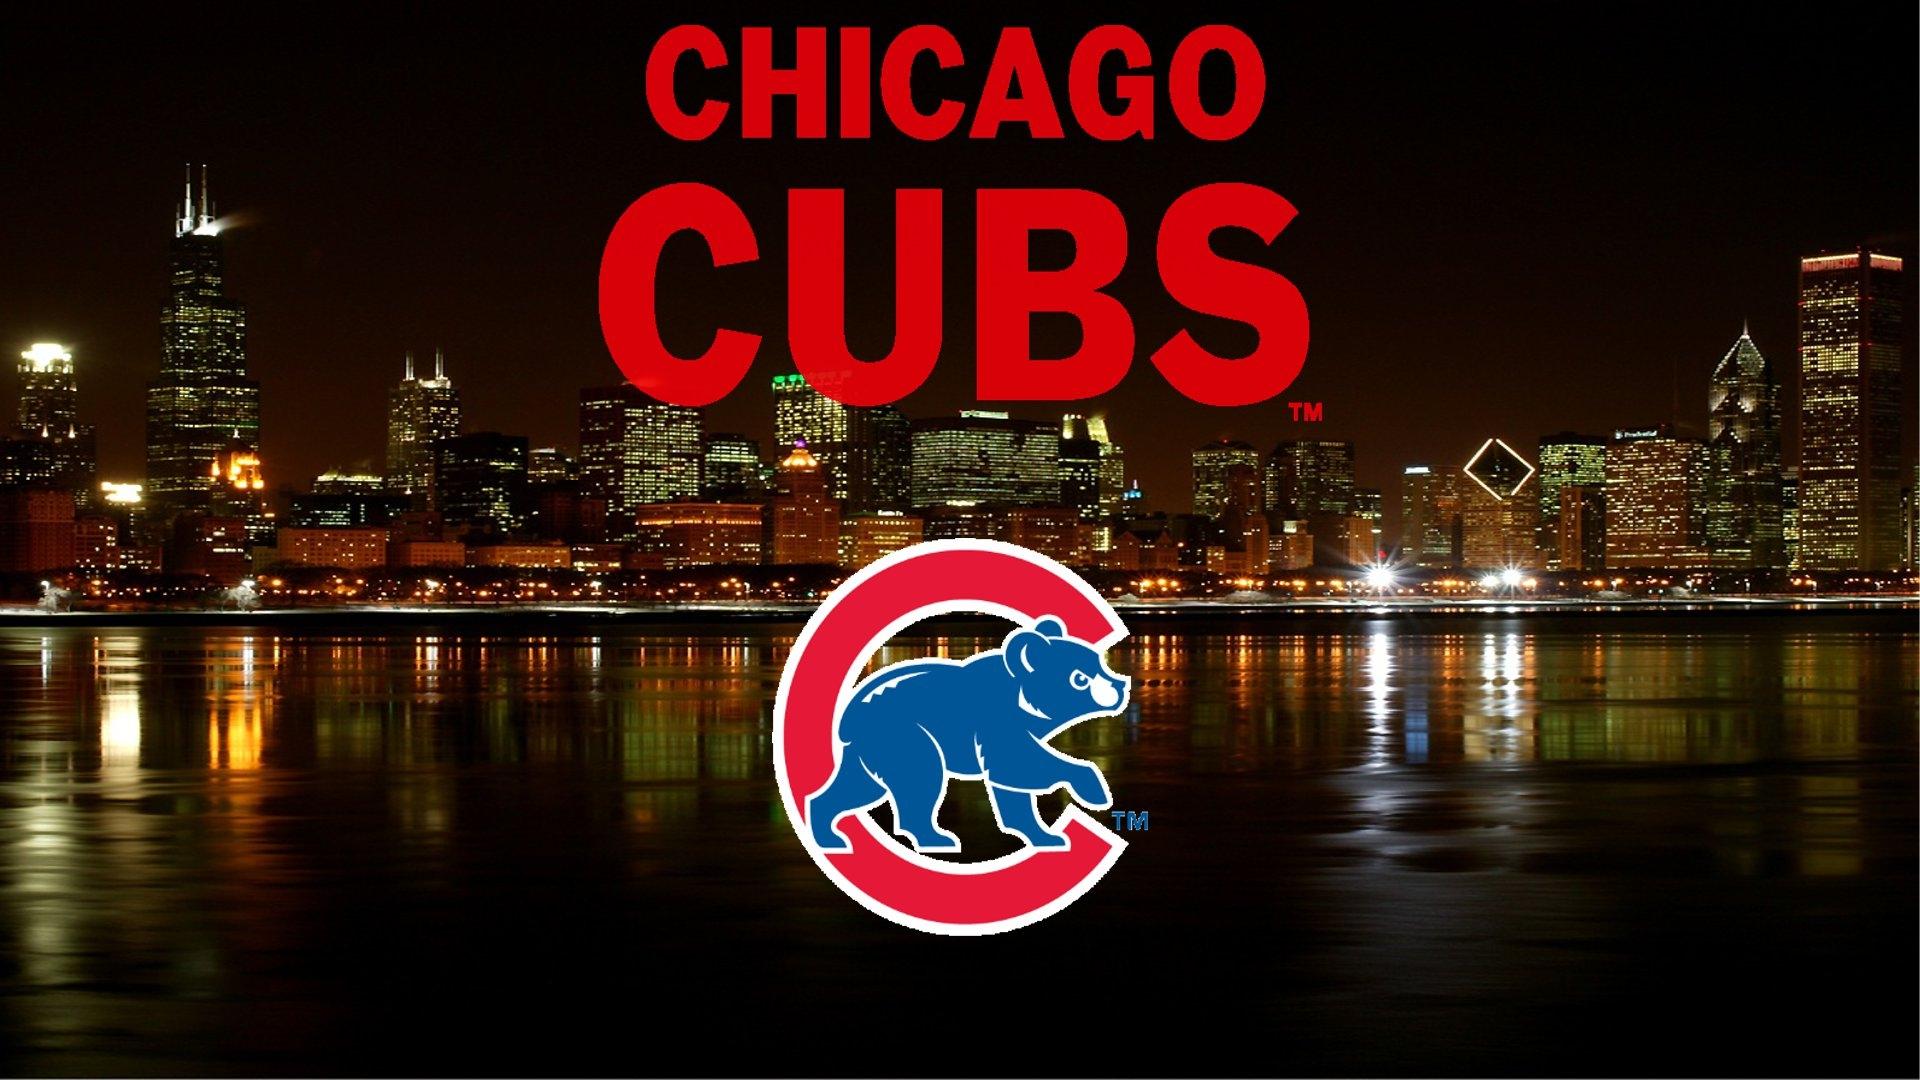 Chicago Cubs wallpaper 1920x1080 69228 1920x1080